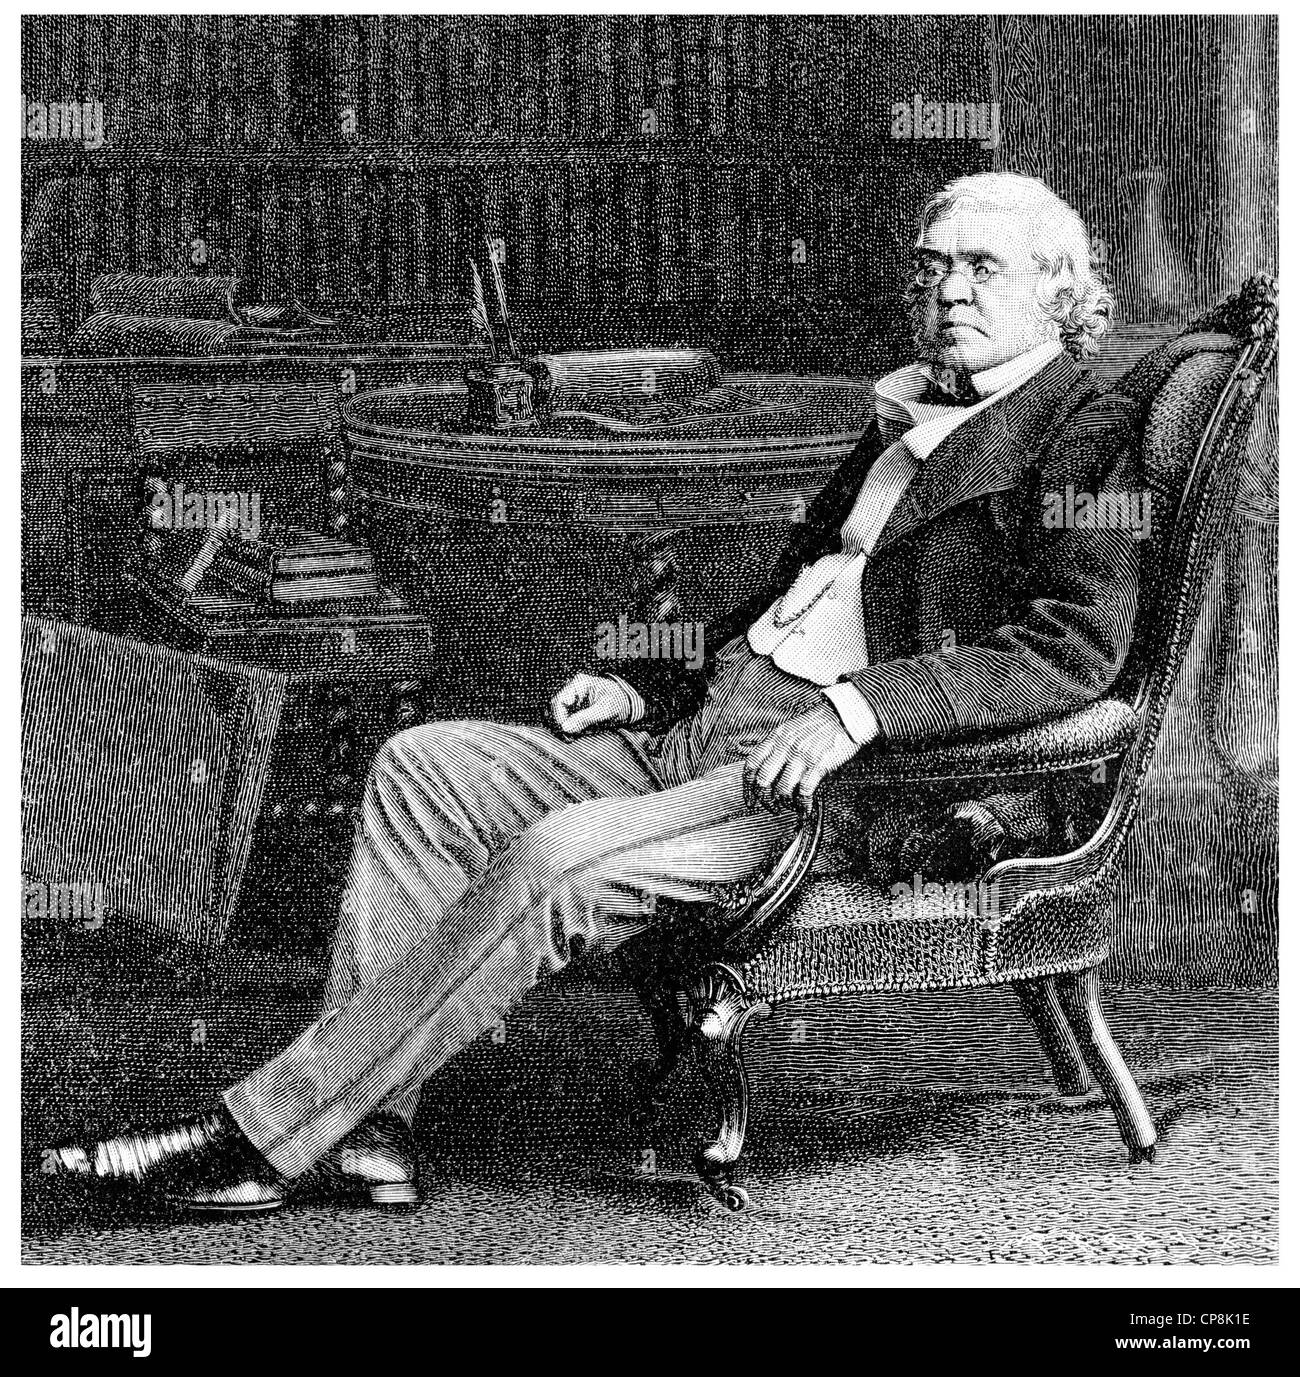 William Makepeace Thackeray, 1811 - 1863, an English writer, Historische Zeichnung aus dem 19. Jahrhundert, Portrait - Stock Image